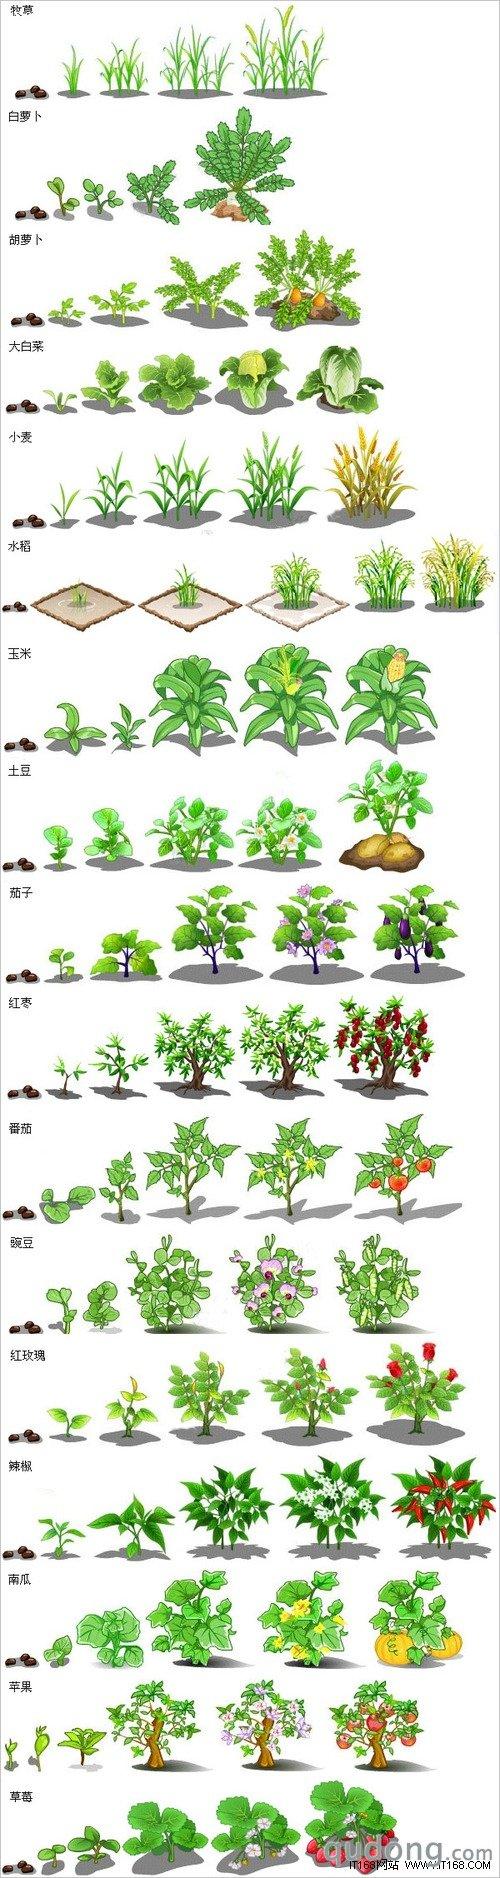 Q农场作物成长过程全景图